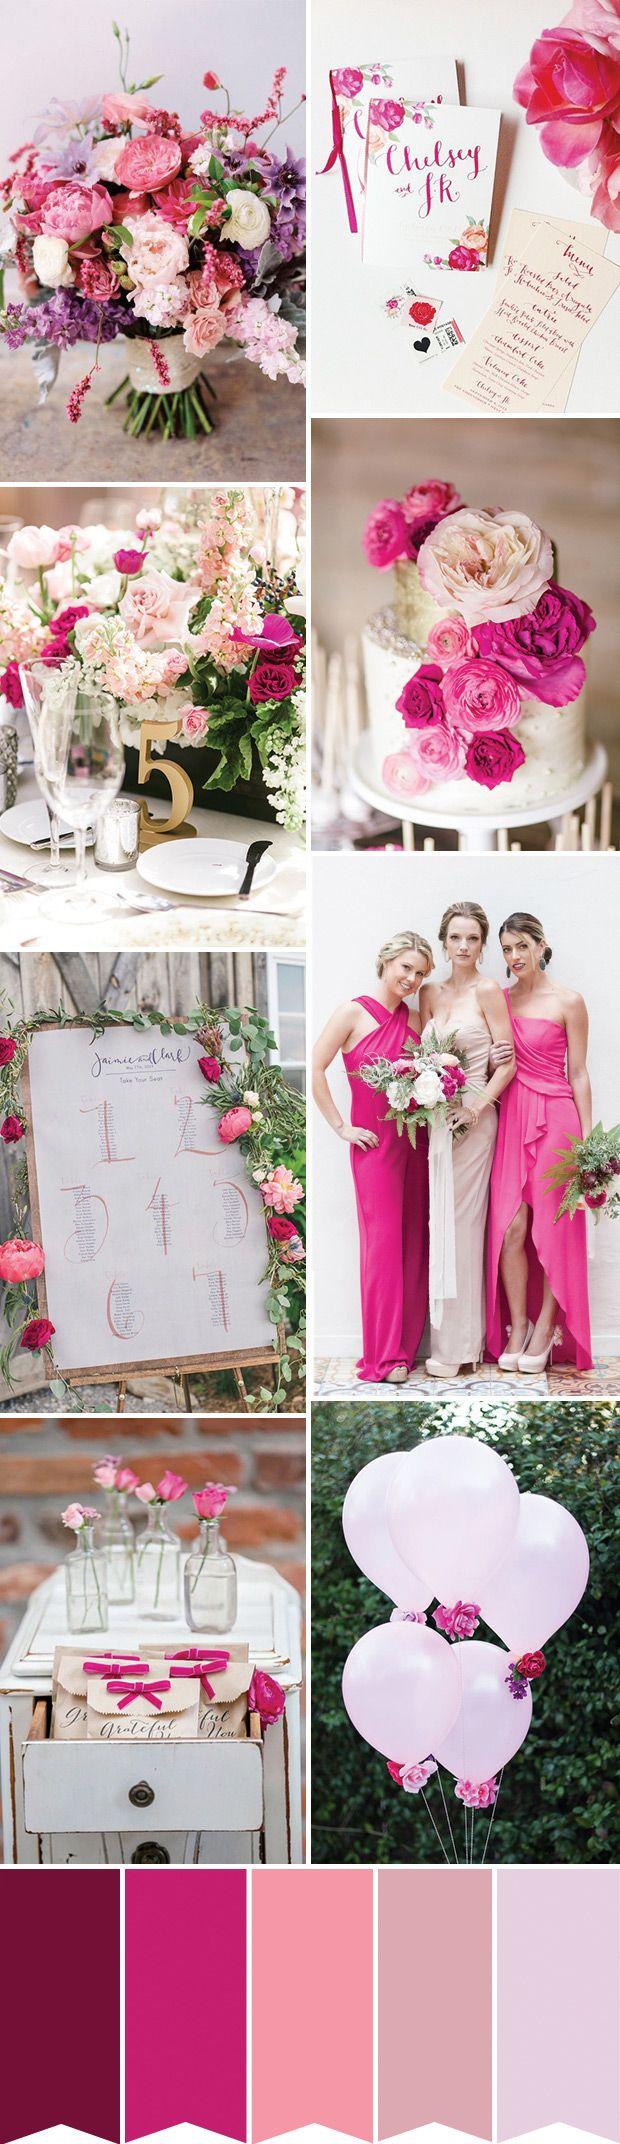 Pretty Pink Wedding Inspiration | www.onefabday.com